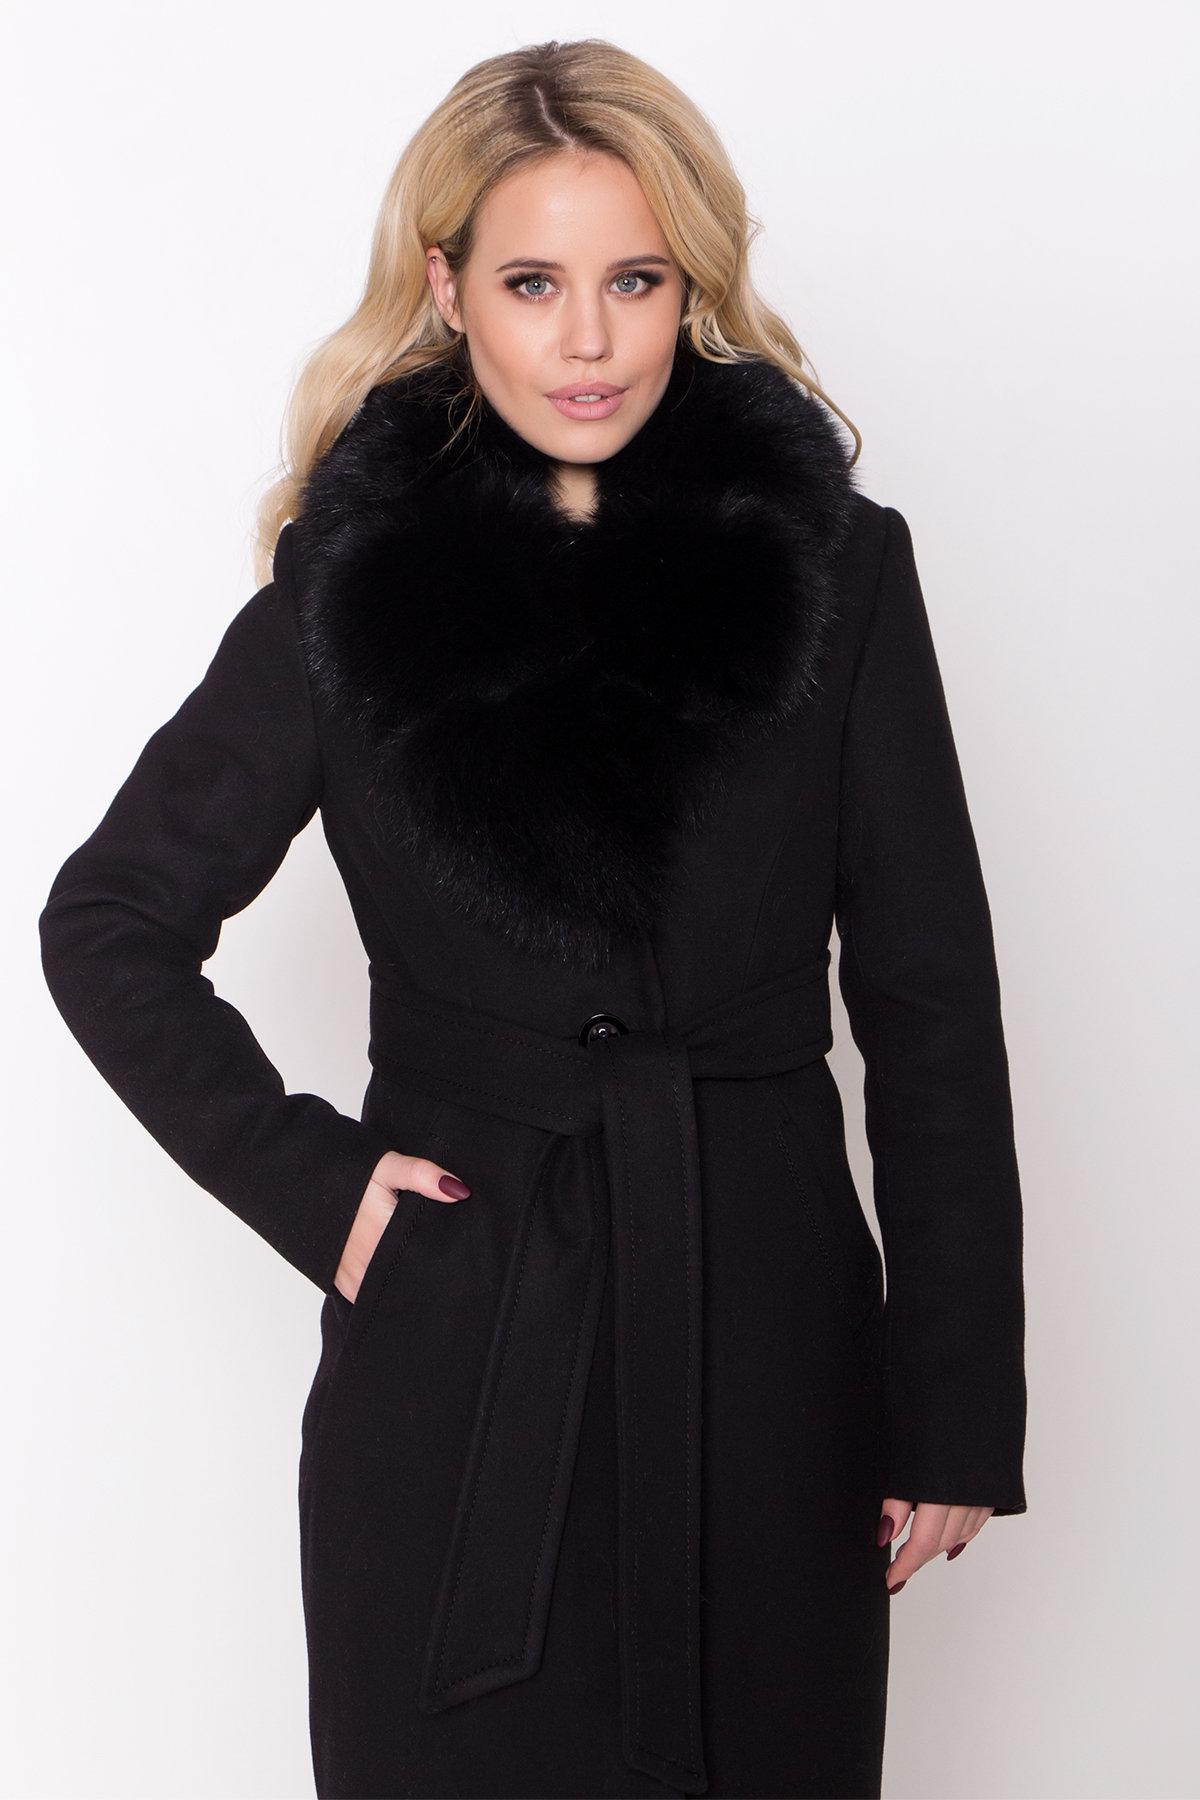 Пальто зима Камила классик 8486 АРТ. 44777 Цвет: Черный Н-1 - фото 5, интернет магазин tm-modus.ru